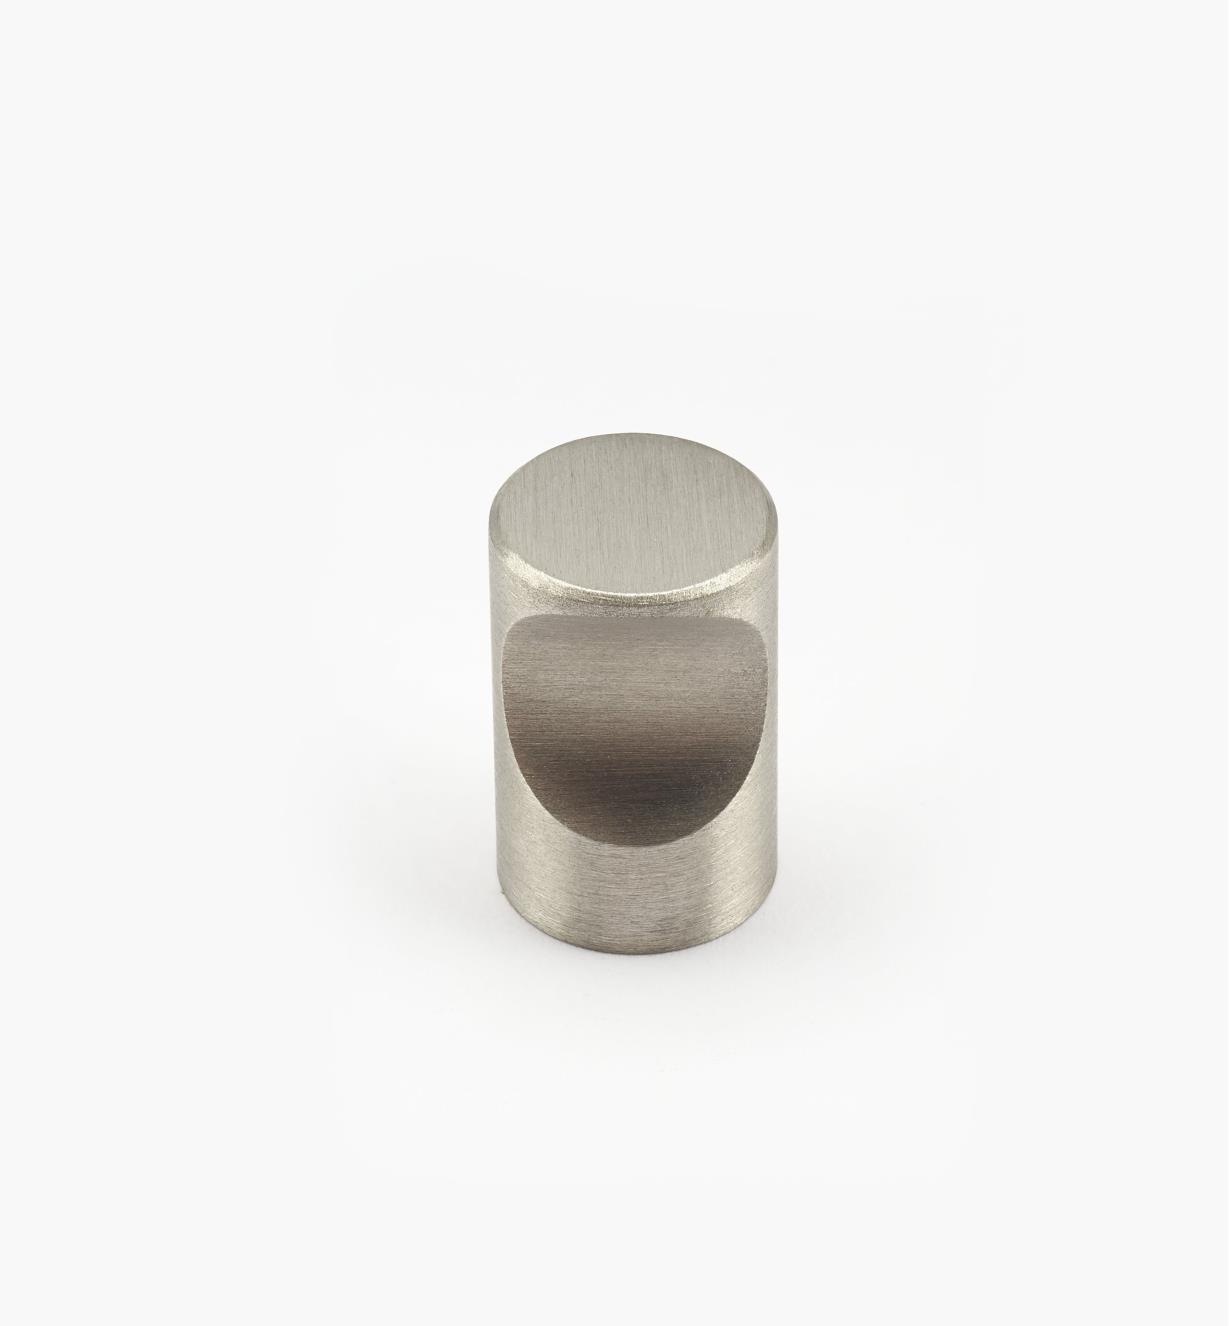 01W6514 - 14mm  x 22mm Dimpled Knob